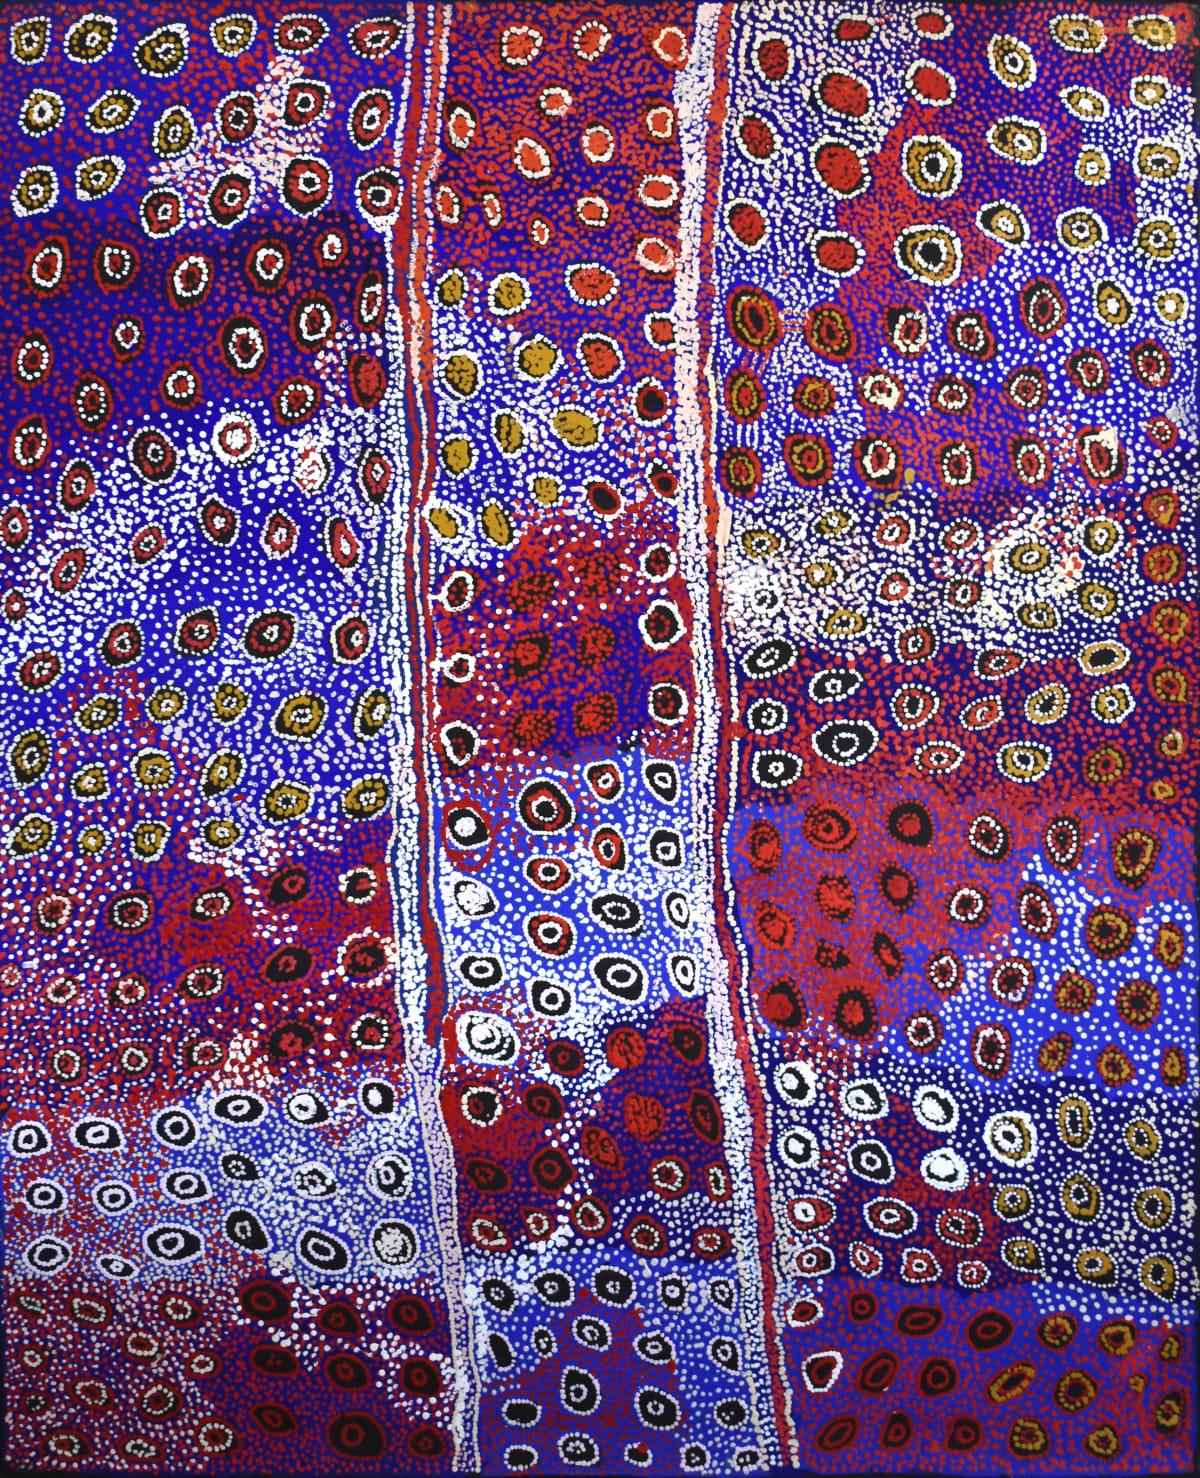 Mona Mitakiki Shepherd Ngayuku ngura - My Country, 2018 Acrylic on linen 152.5 x 122 cm